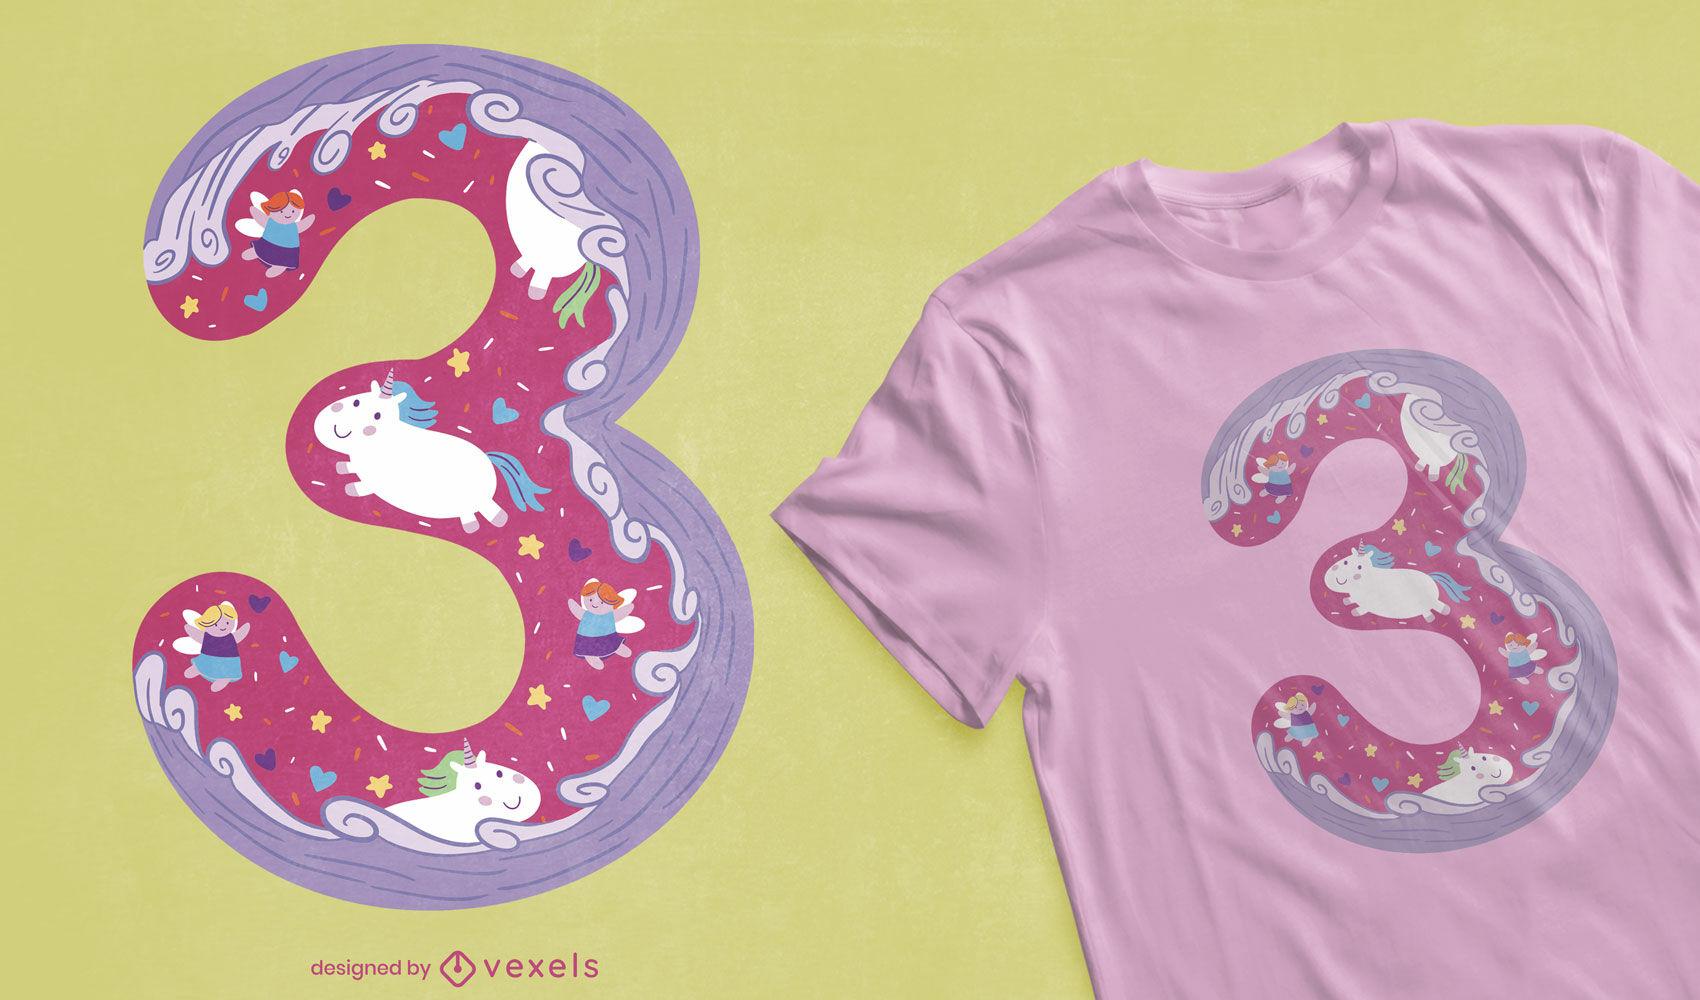 Dise?o de camiseta femenina n?mero tres.